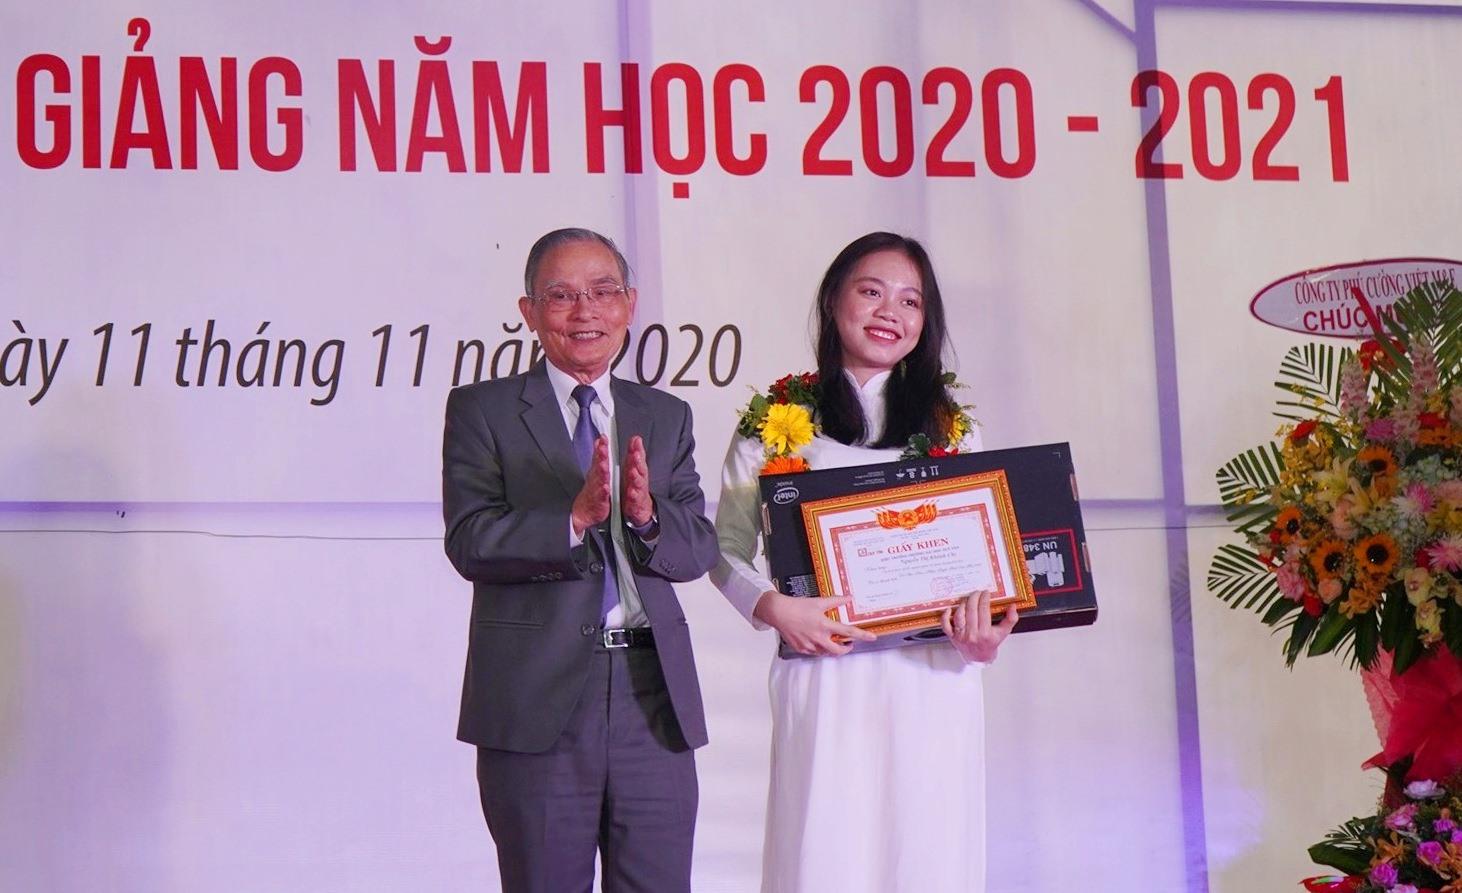 NGƯT Lê Công Cơ trao tặng suất học bổng toàn phần và máy tinh cho Thủ khoa đầu vào khóa 26 Nguyễn Thị Khánh Chi. Ảnh XL